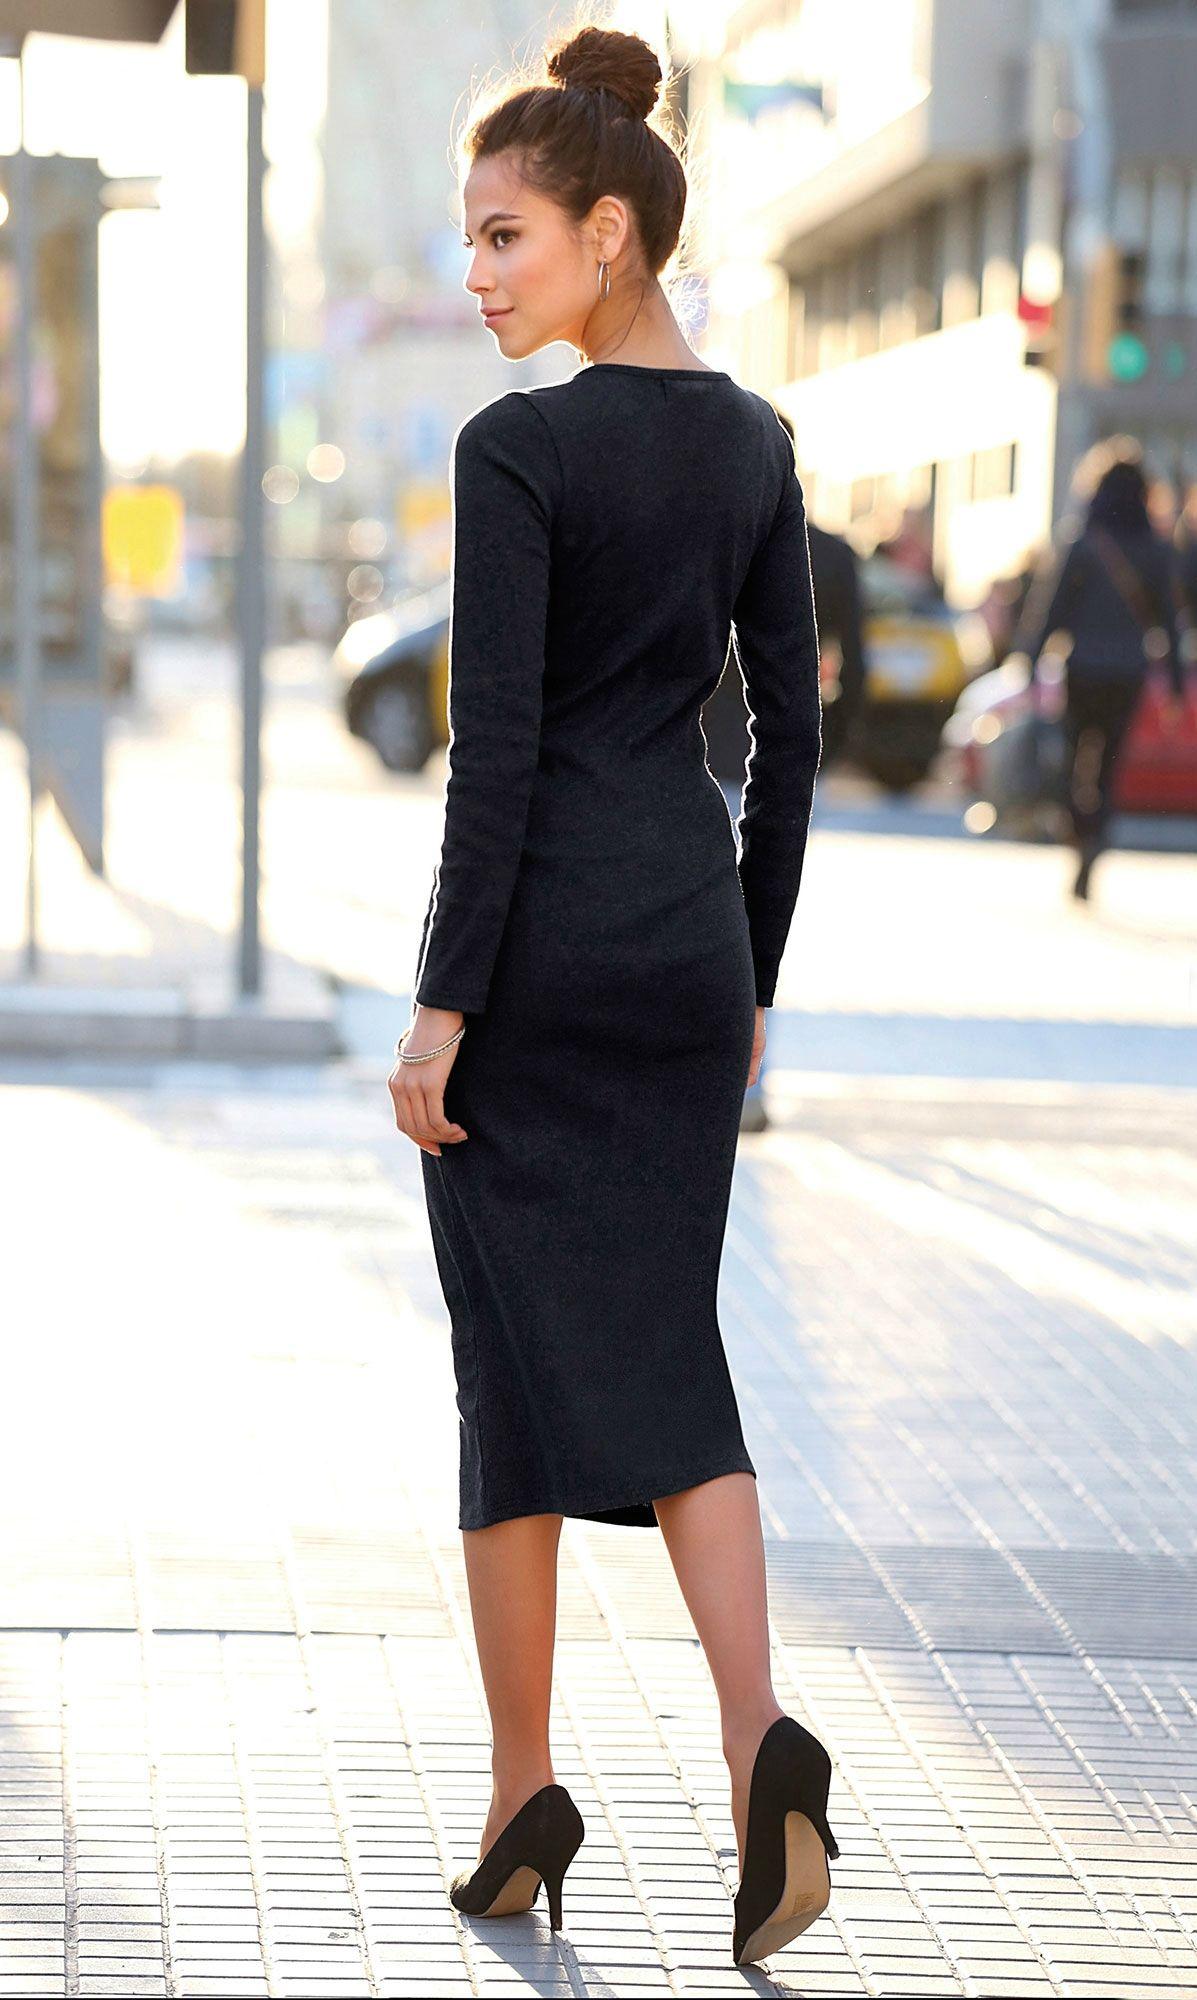 59964561ca53e Robe mi-longue en tricot col bateau manches longues femme Exclusivité  3SUISSES - Noir